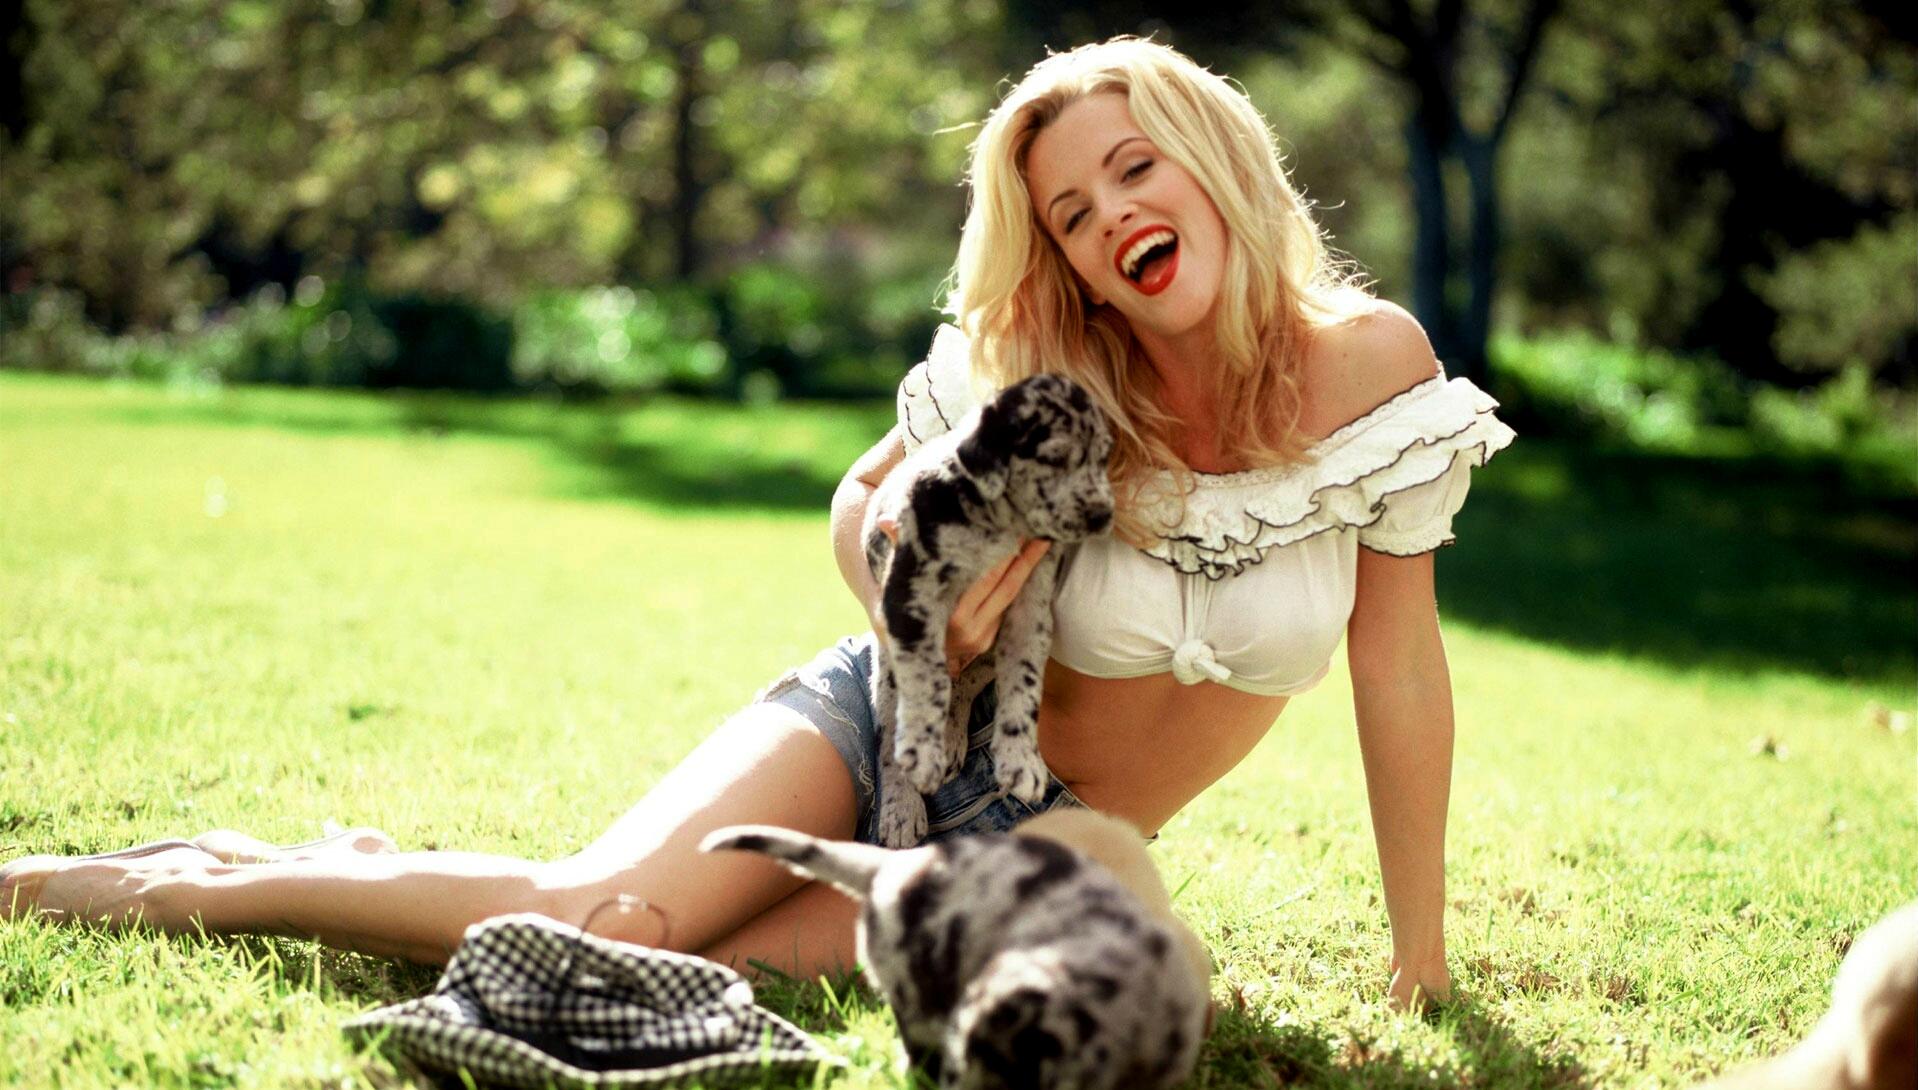 Смотреть порно с блондинками онлайн бесплатно